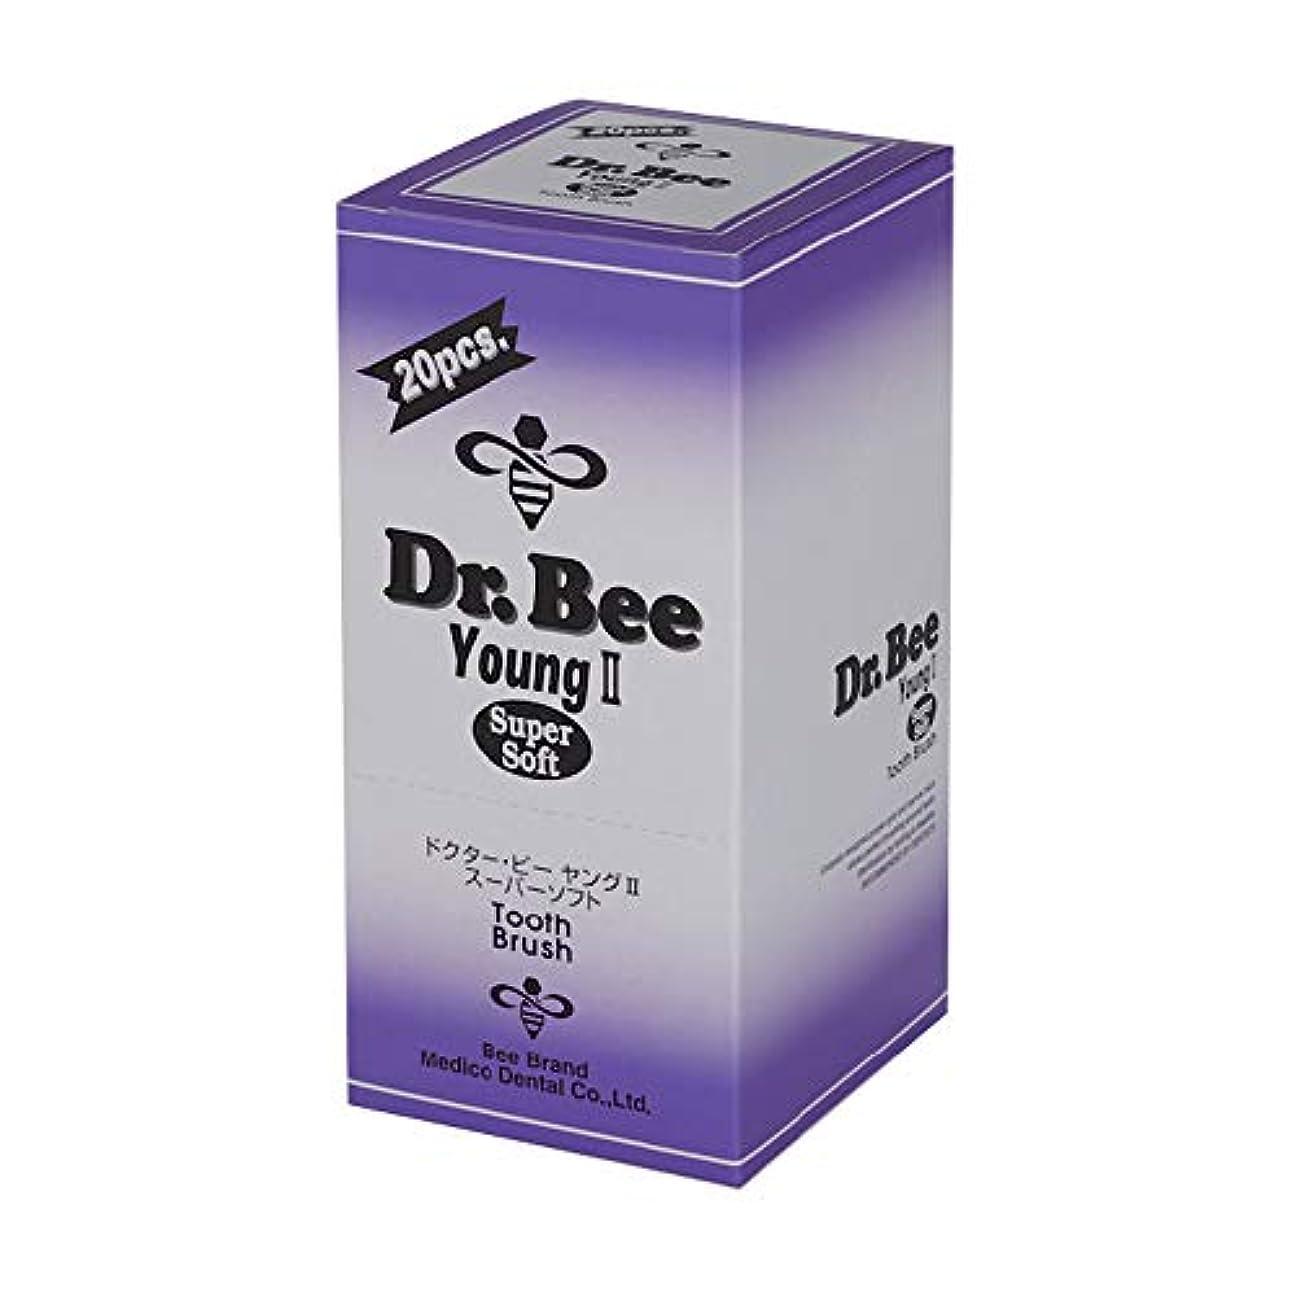 ペフ多くの危険がある状況見込みDr.Bee ヤングⅡ スーパーソフト 20本入り